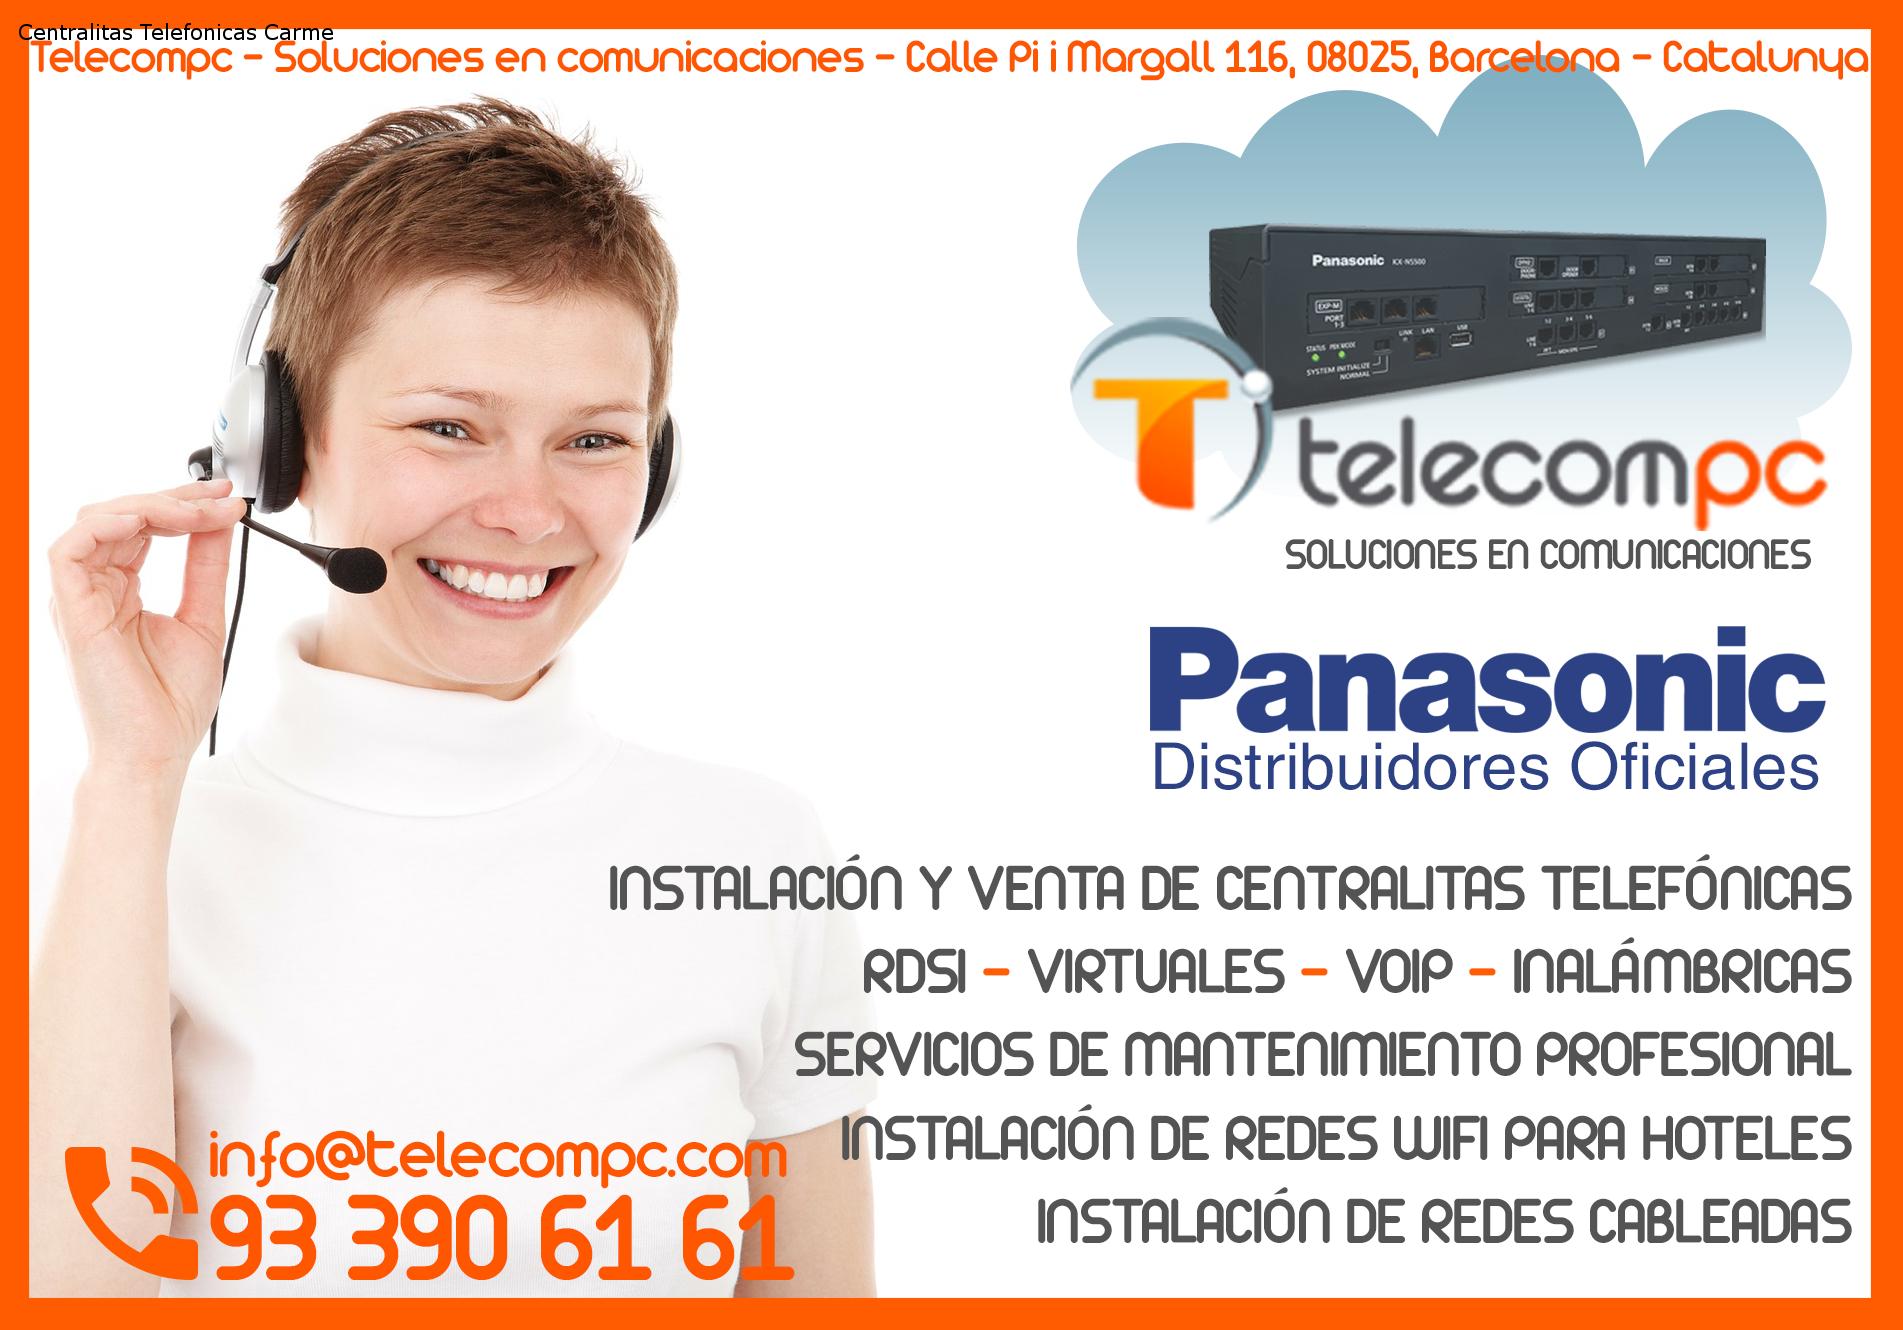 Centralitas Telefonicas Carme